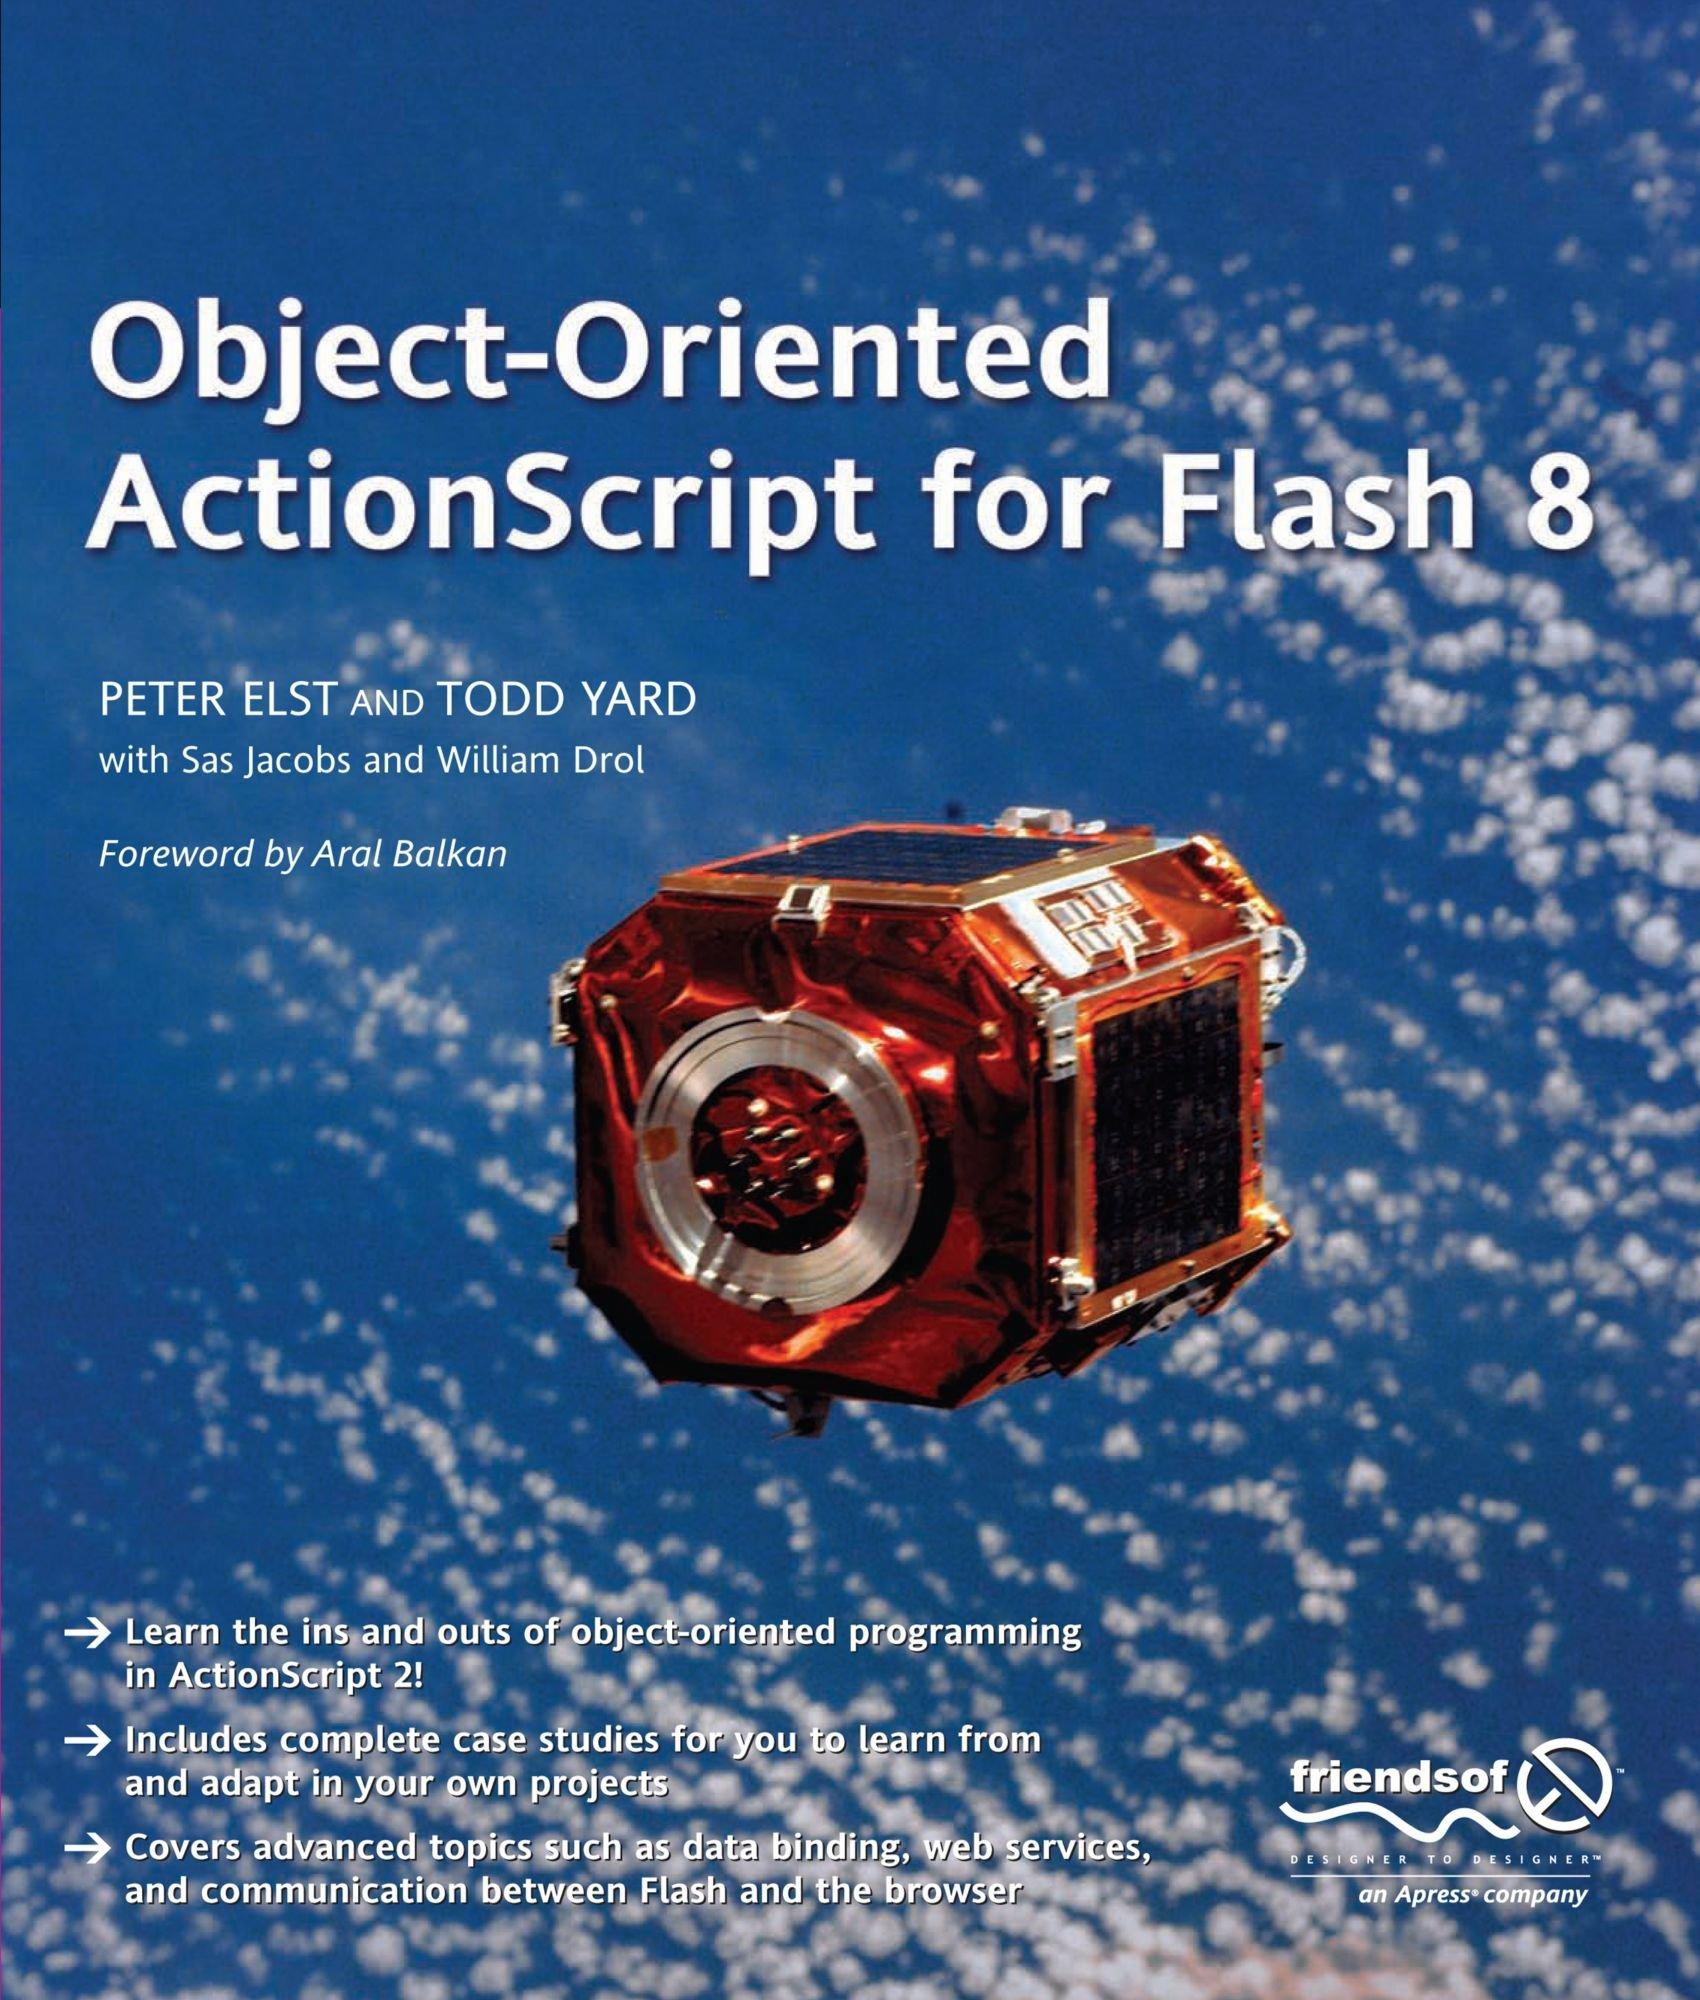 objektorientierte actionscript für Flash 8